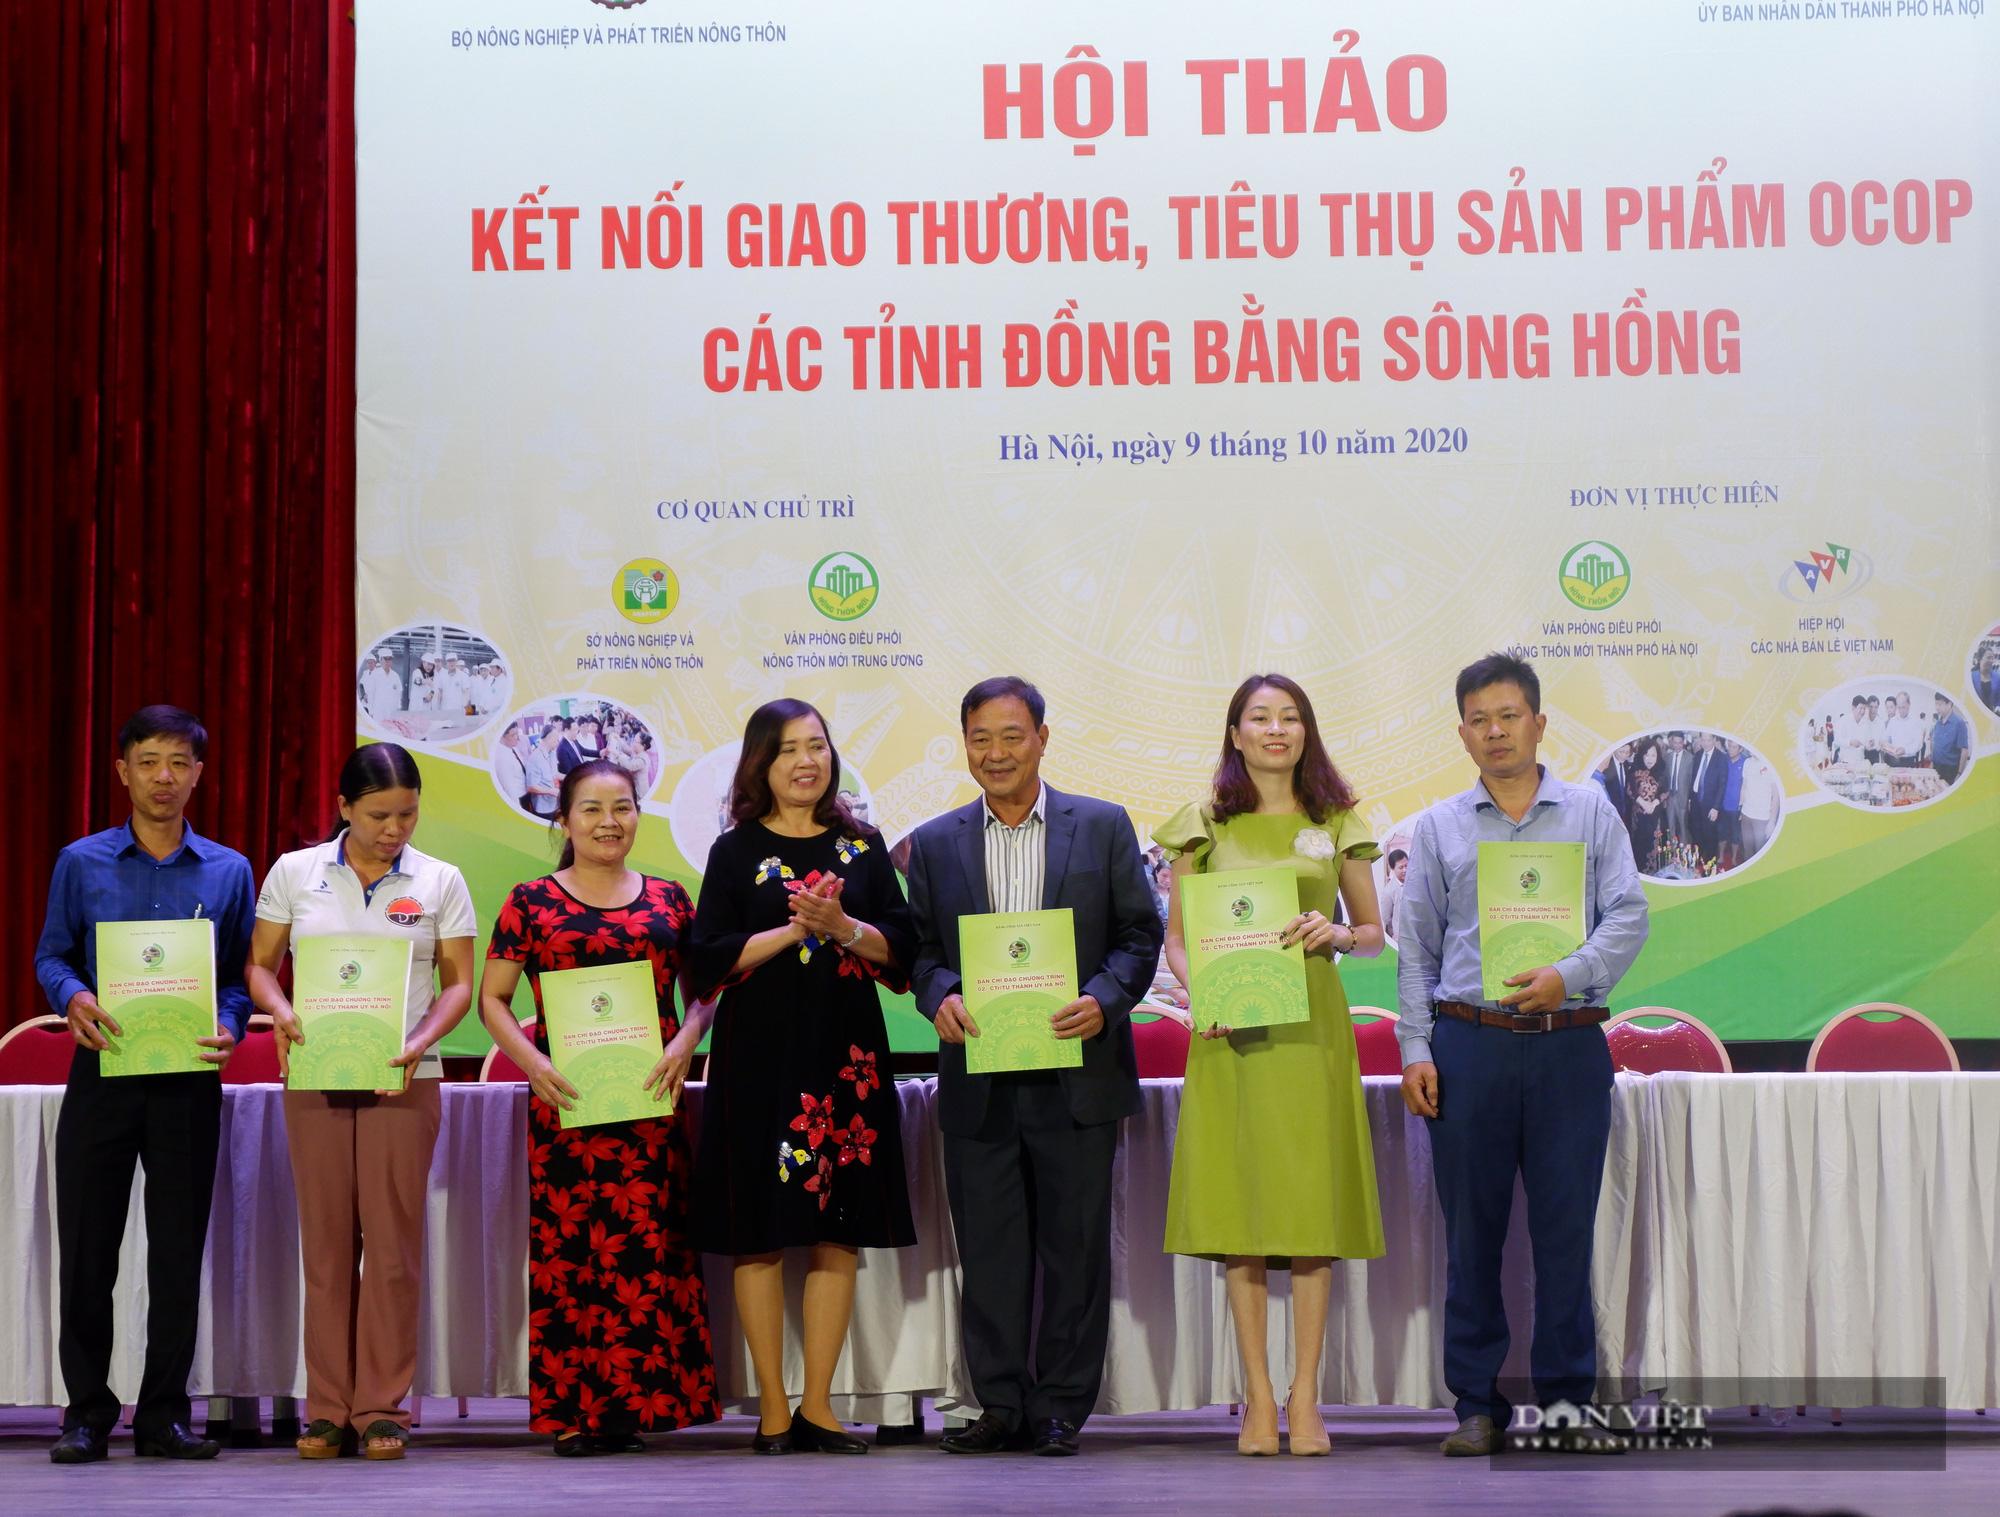 Hà Nội: Quy tụ hàng nghìn sản phẩm nông sản đặc sắc, chỉ toàn là đặc sản, người dân Thủ đô hài lòng - Ảnh 9.